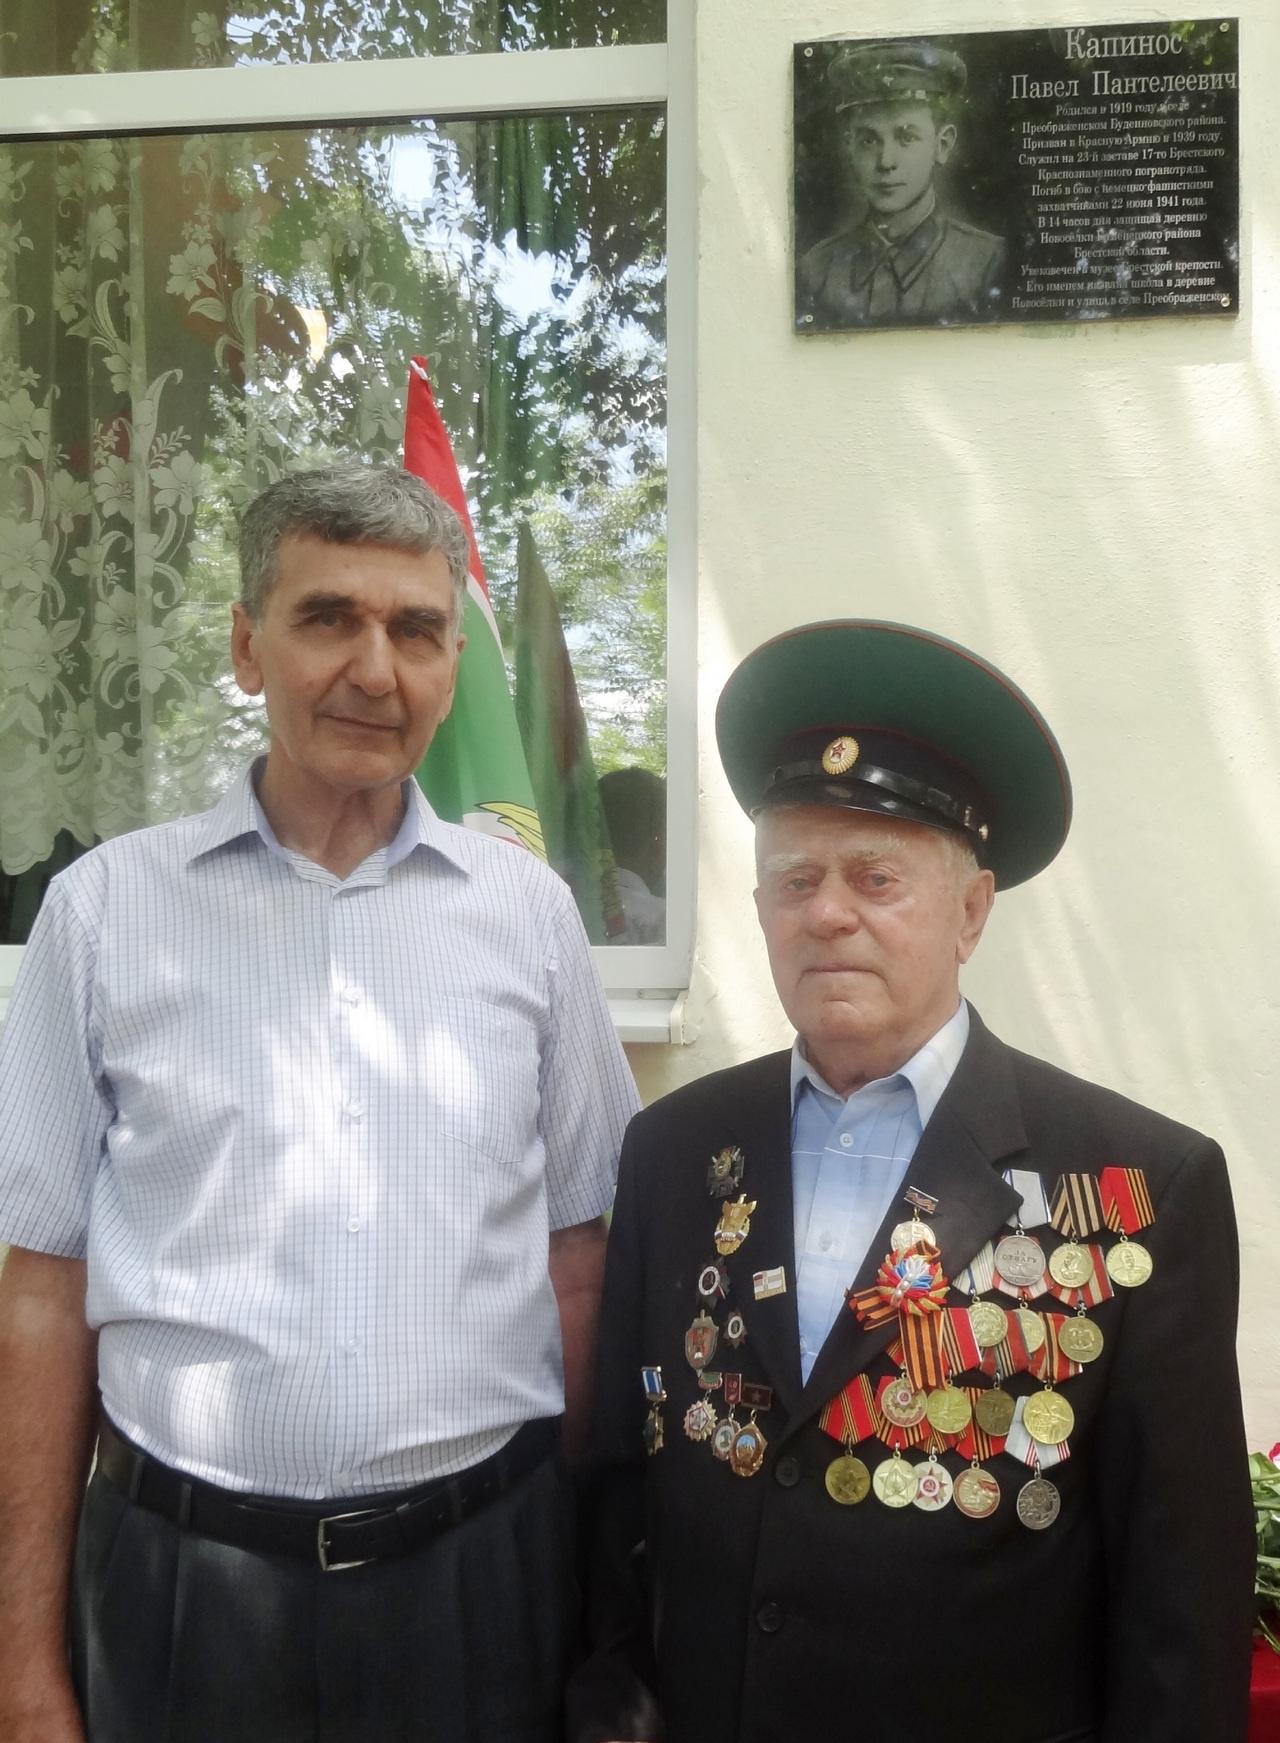 Брат героя Николай Пантелеевич и фронтовик-пограничник Обрященко Иван Яковлевич.